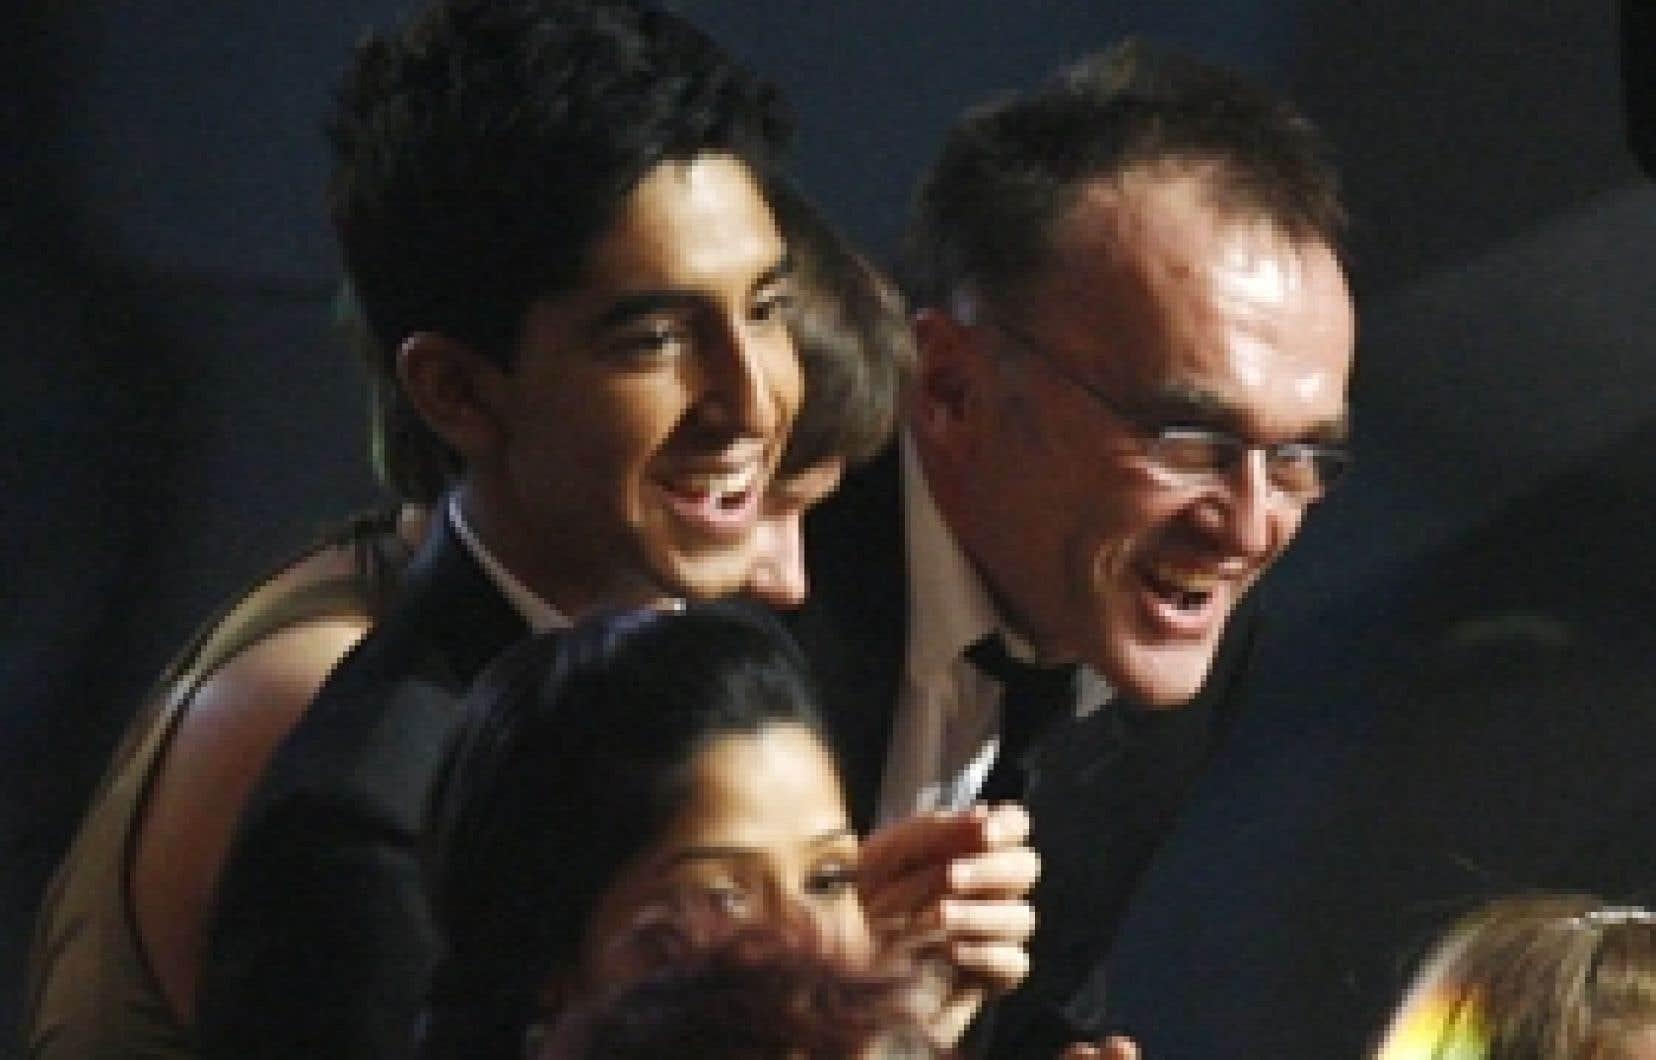 Dev Patel (à gauche), acteur principal de Slumdog Millionnaire, et le réalisateur du film, Danny Boyle, expriment leur joie au moment de remporter l'Oscar du meilleur montage, hier, à Los Angeles.